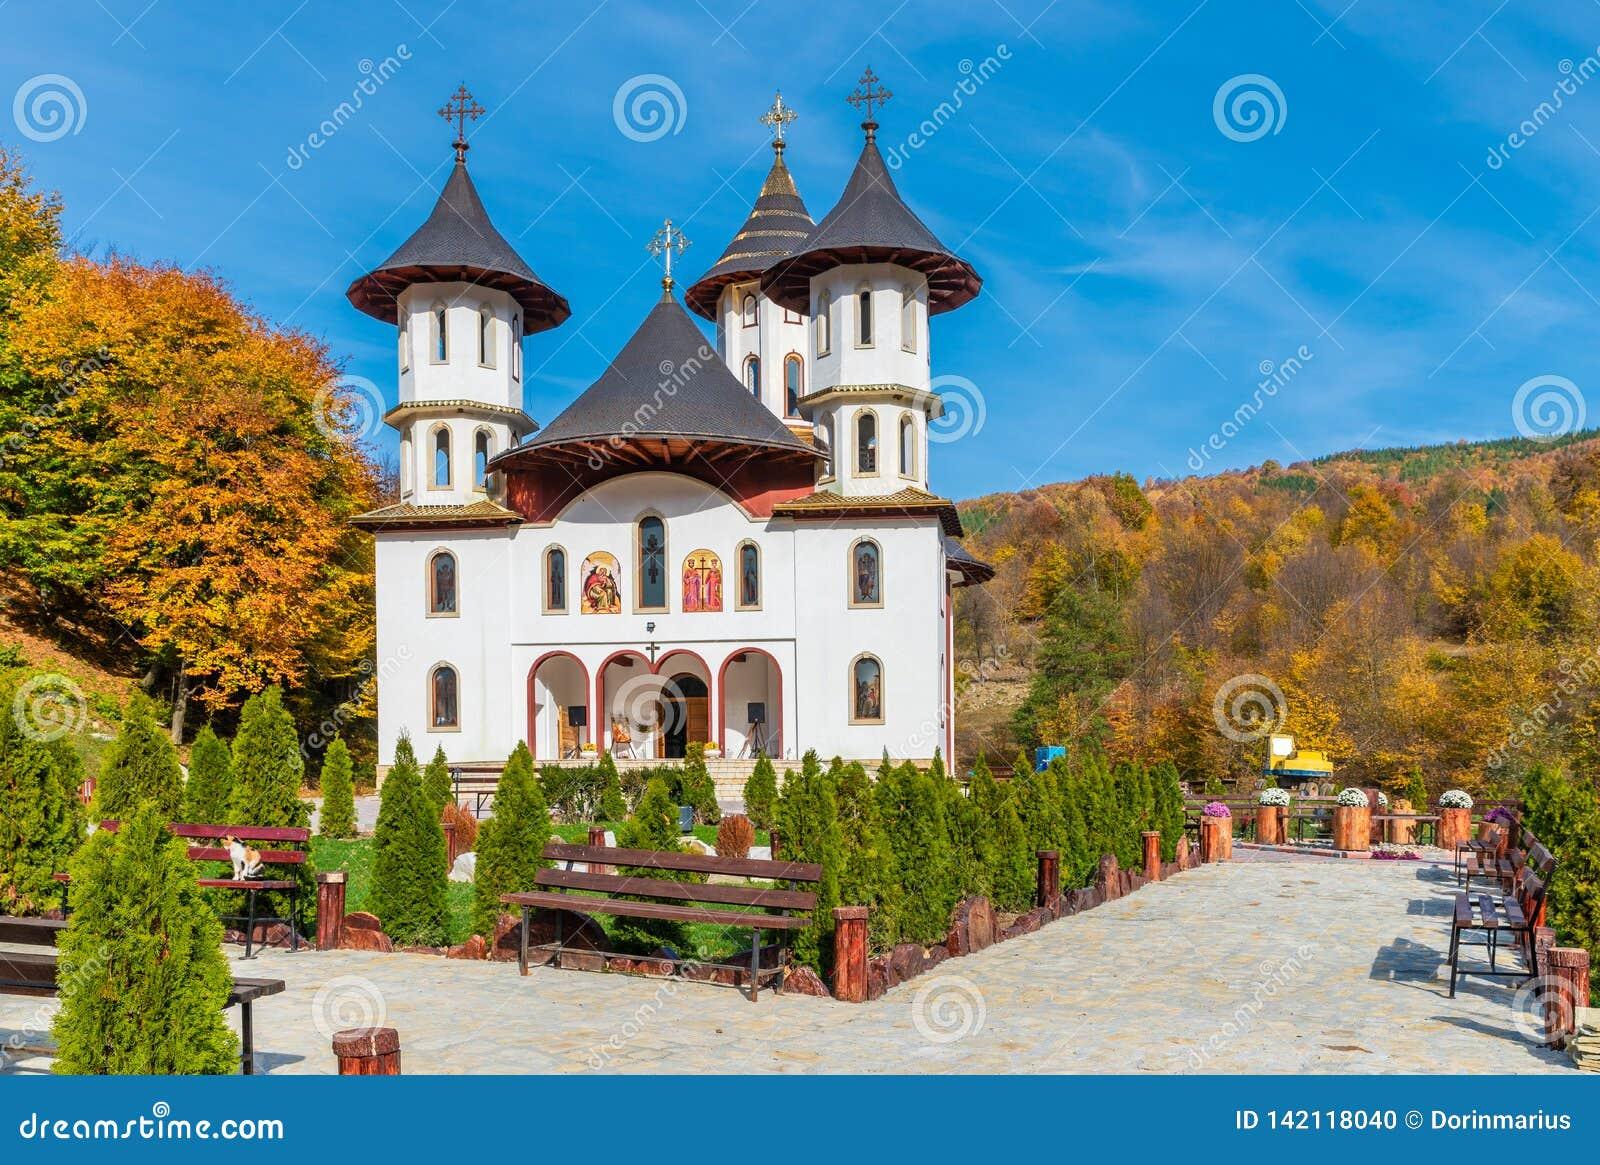 Μοναστήρι Codreanu ortodox